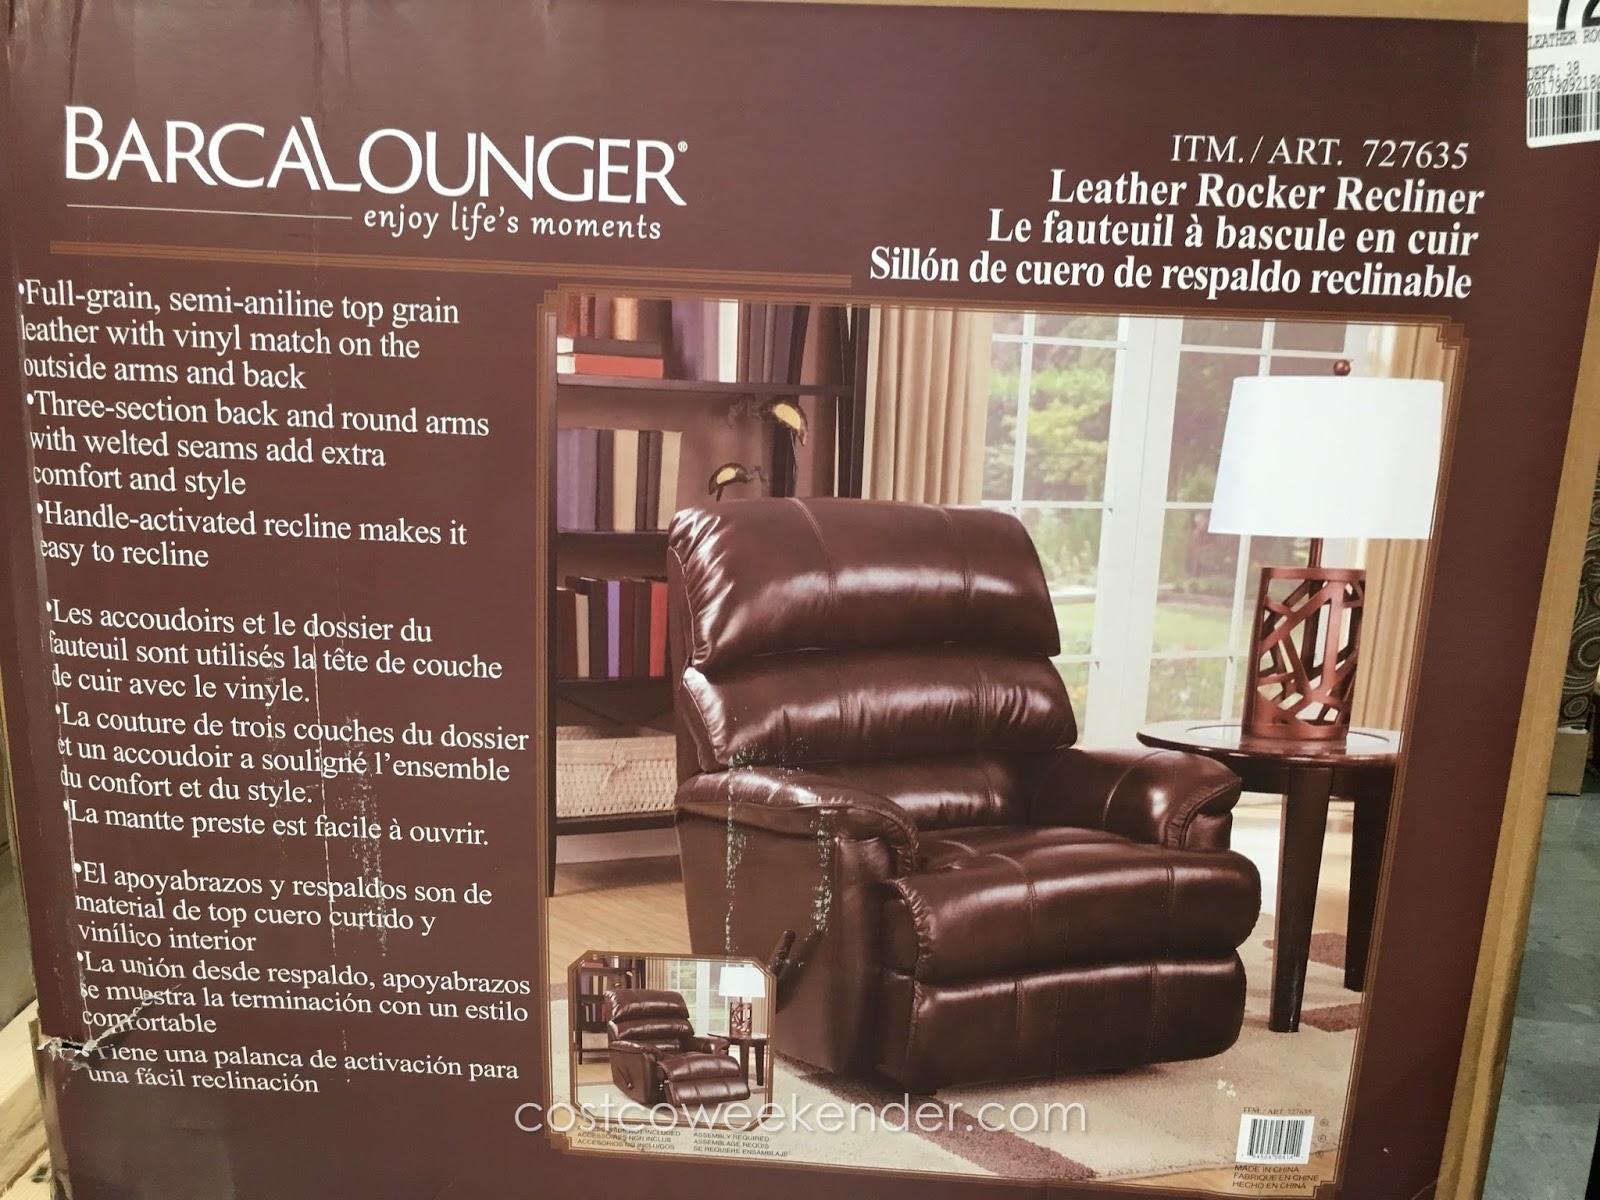 Barcalounger Leather Rocker Recliner Chair